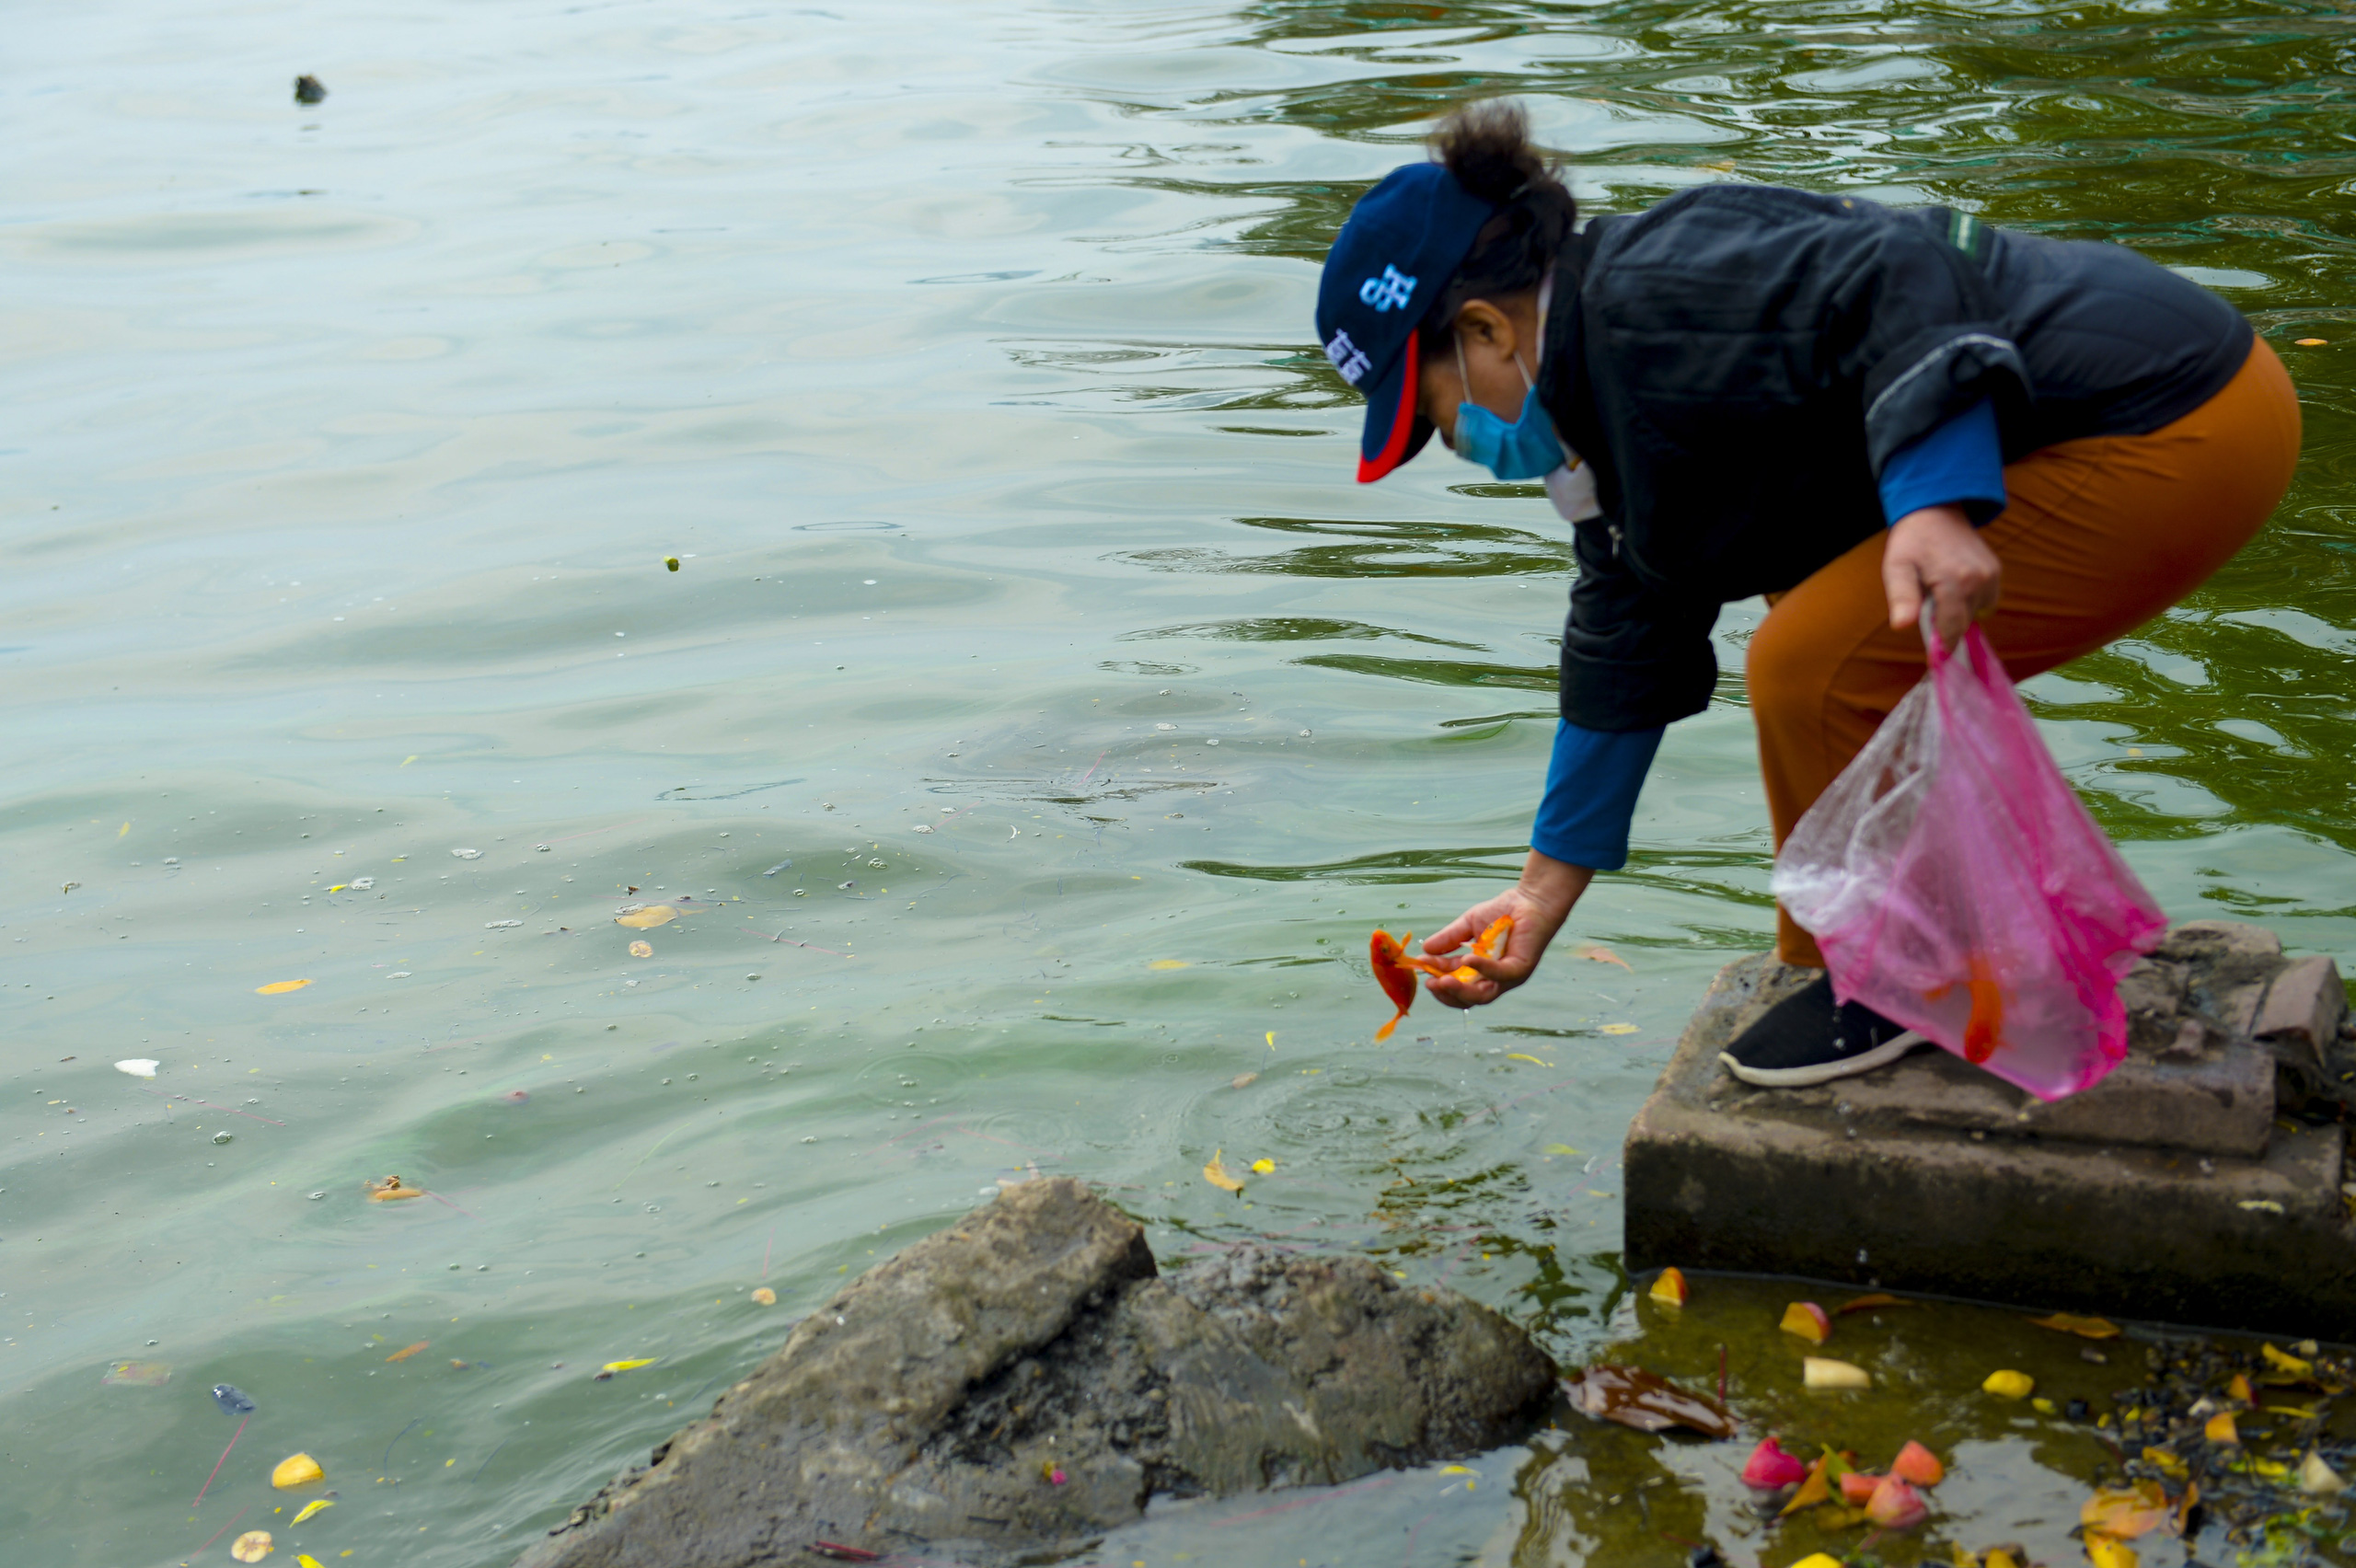 Người phụ nữ thả 3 con cá chép nặng gần 3kg xuống Hồ Tây tiễn ông Công, ông Táo về trời sớm - Ảnh 3.